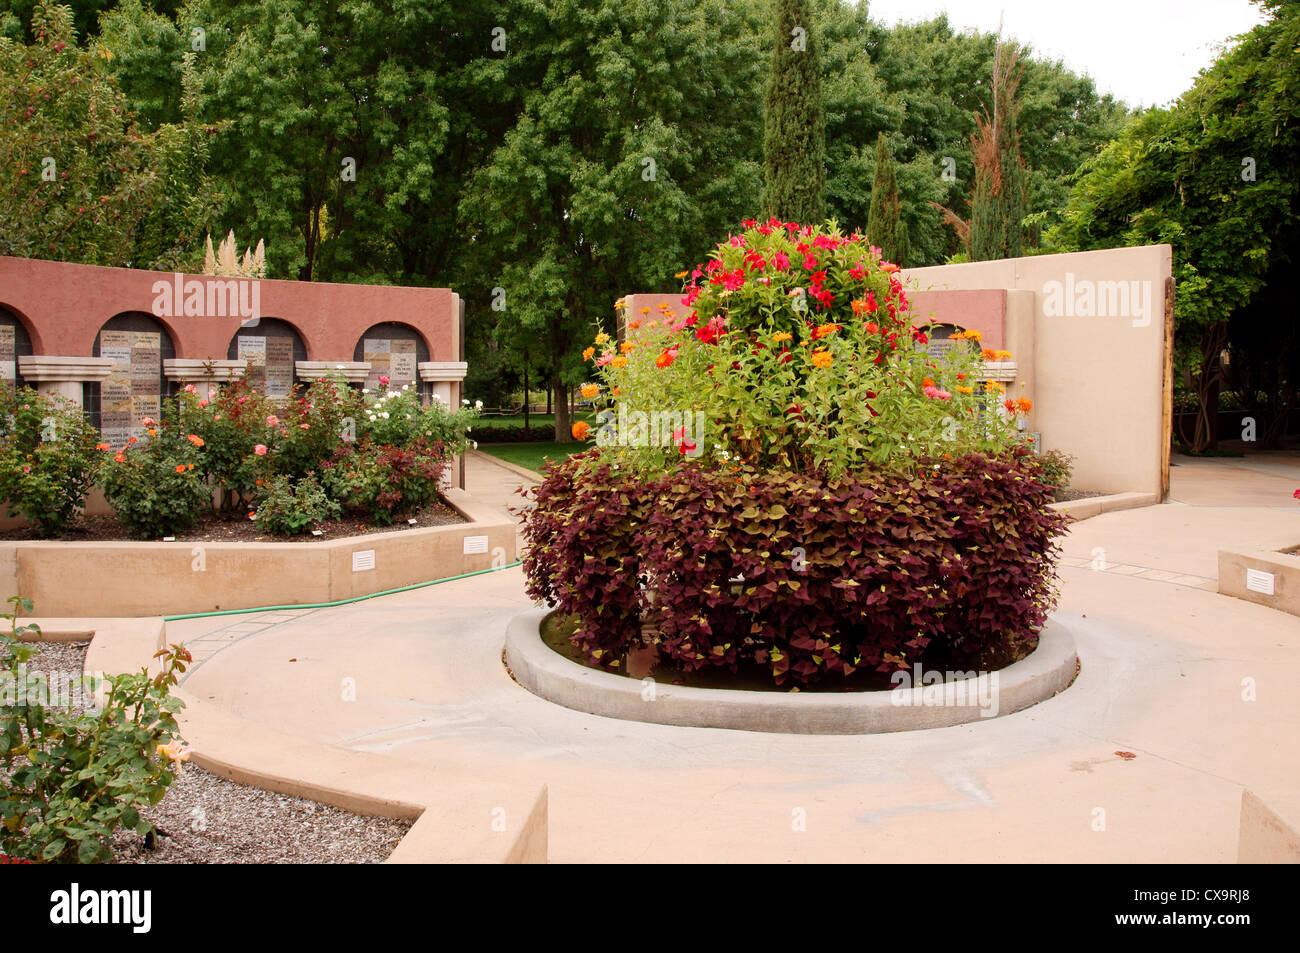 Rio grande botanic garden stock photos rio grande - Botanical gardens albuquerque new mexico ...